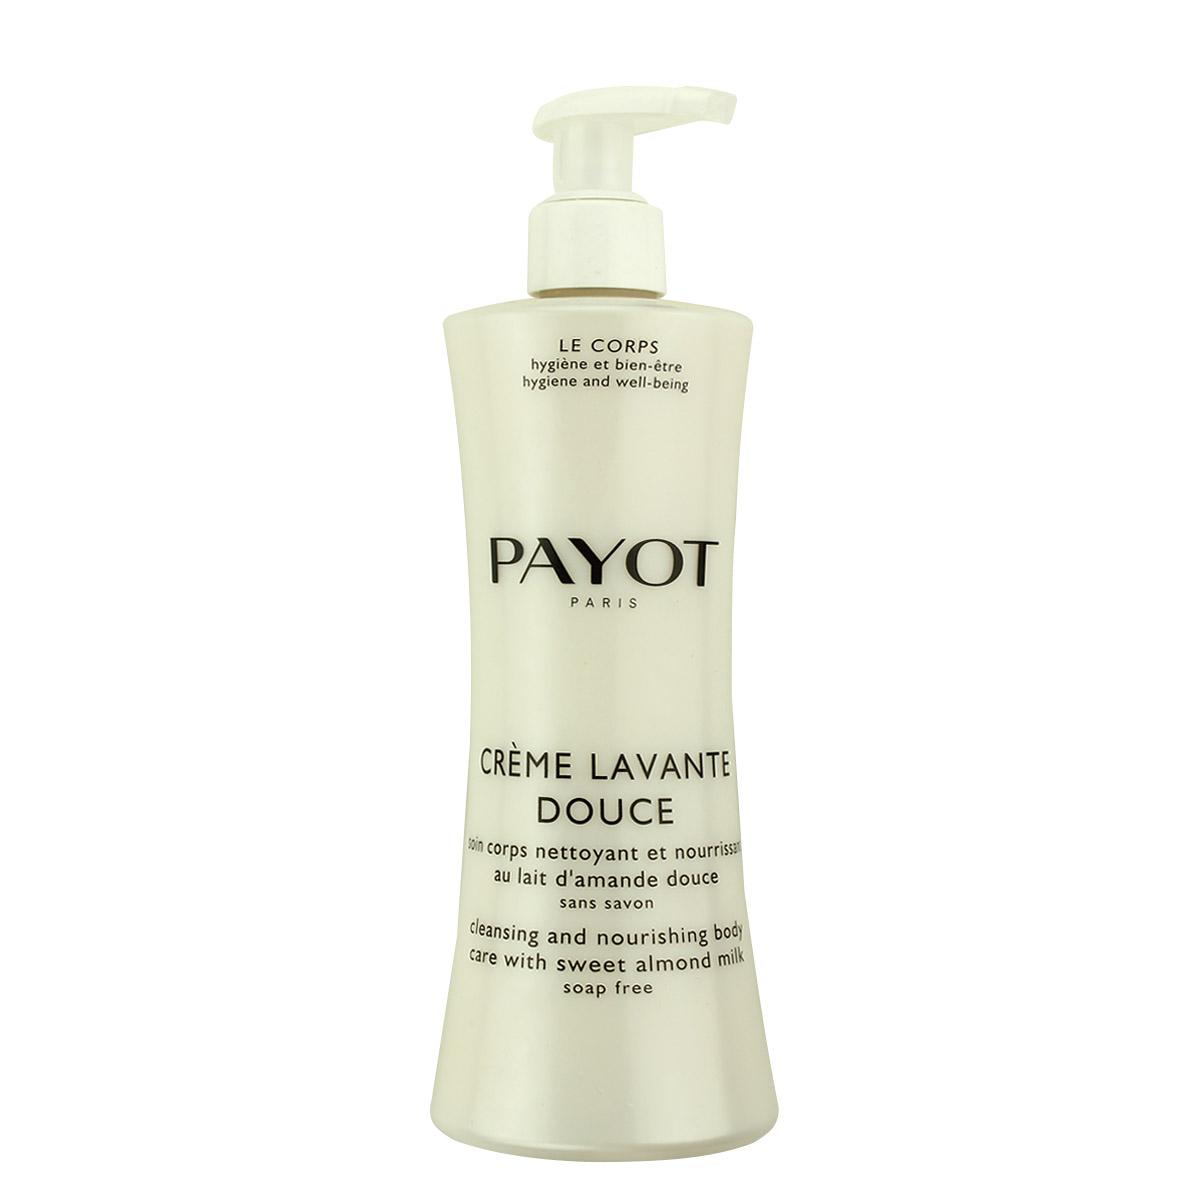 Payot Crème Lavante Douce čisticí a vyživující sprchový krém na tělo, bez mýdla 400 ml